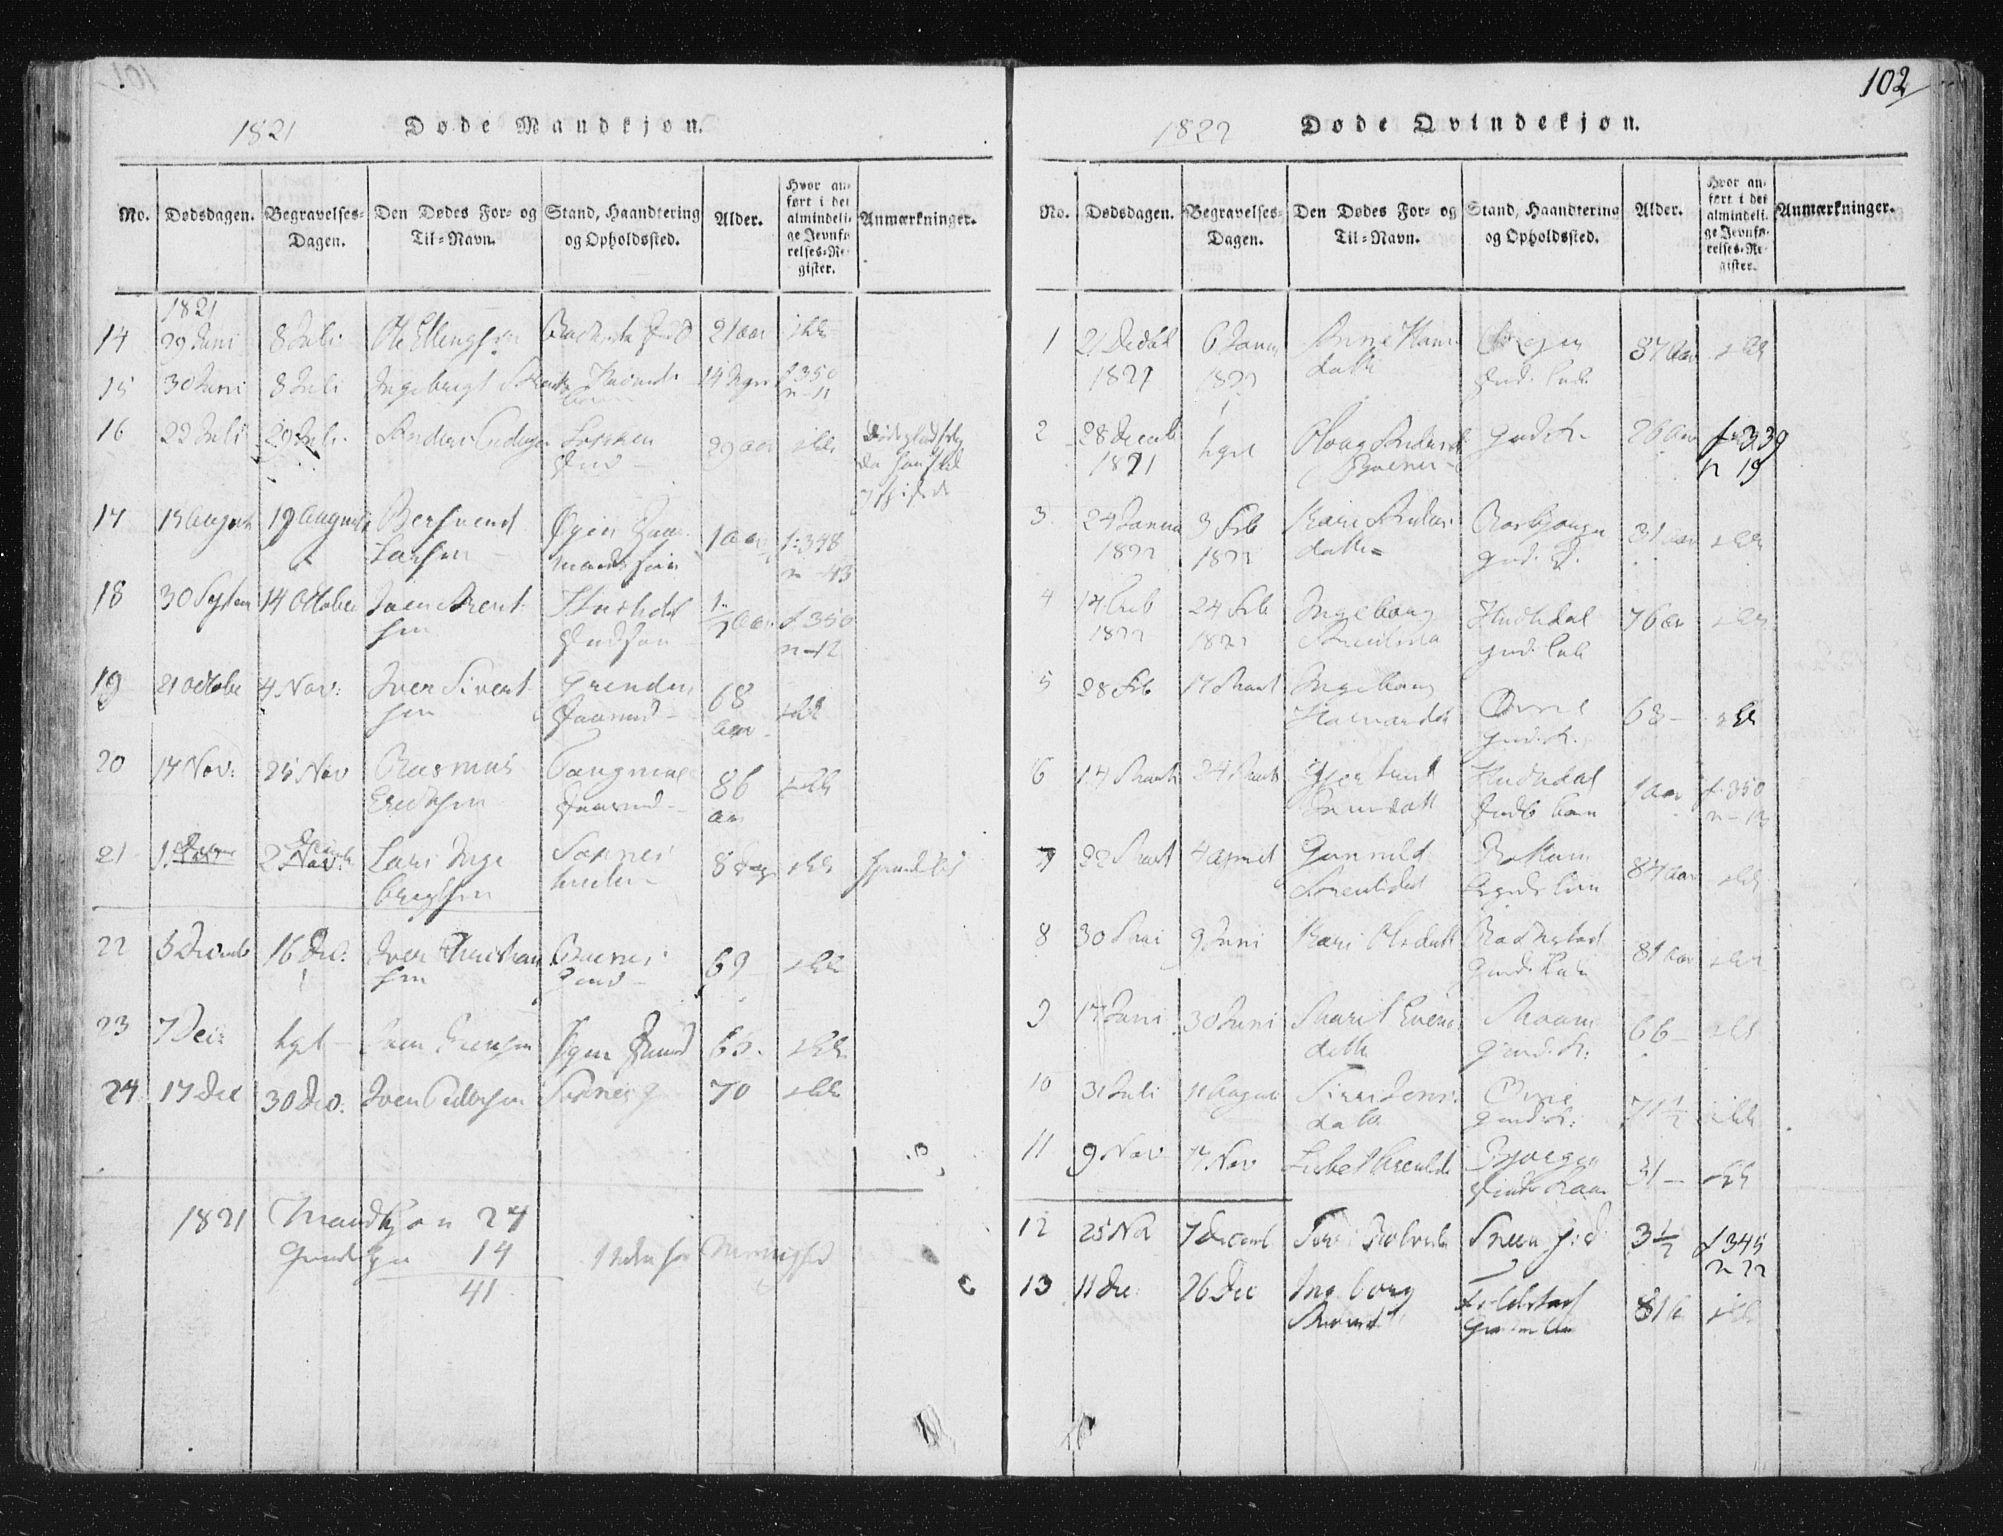 SAT, Ministerialprotokoller, klokkerbøker og fødselsregistre - Sør-Trøndelag, 687/L0996: Ministerialbok nr. 687A04, 1816-1842, s. 102